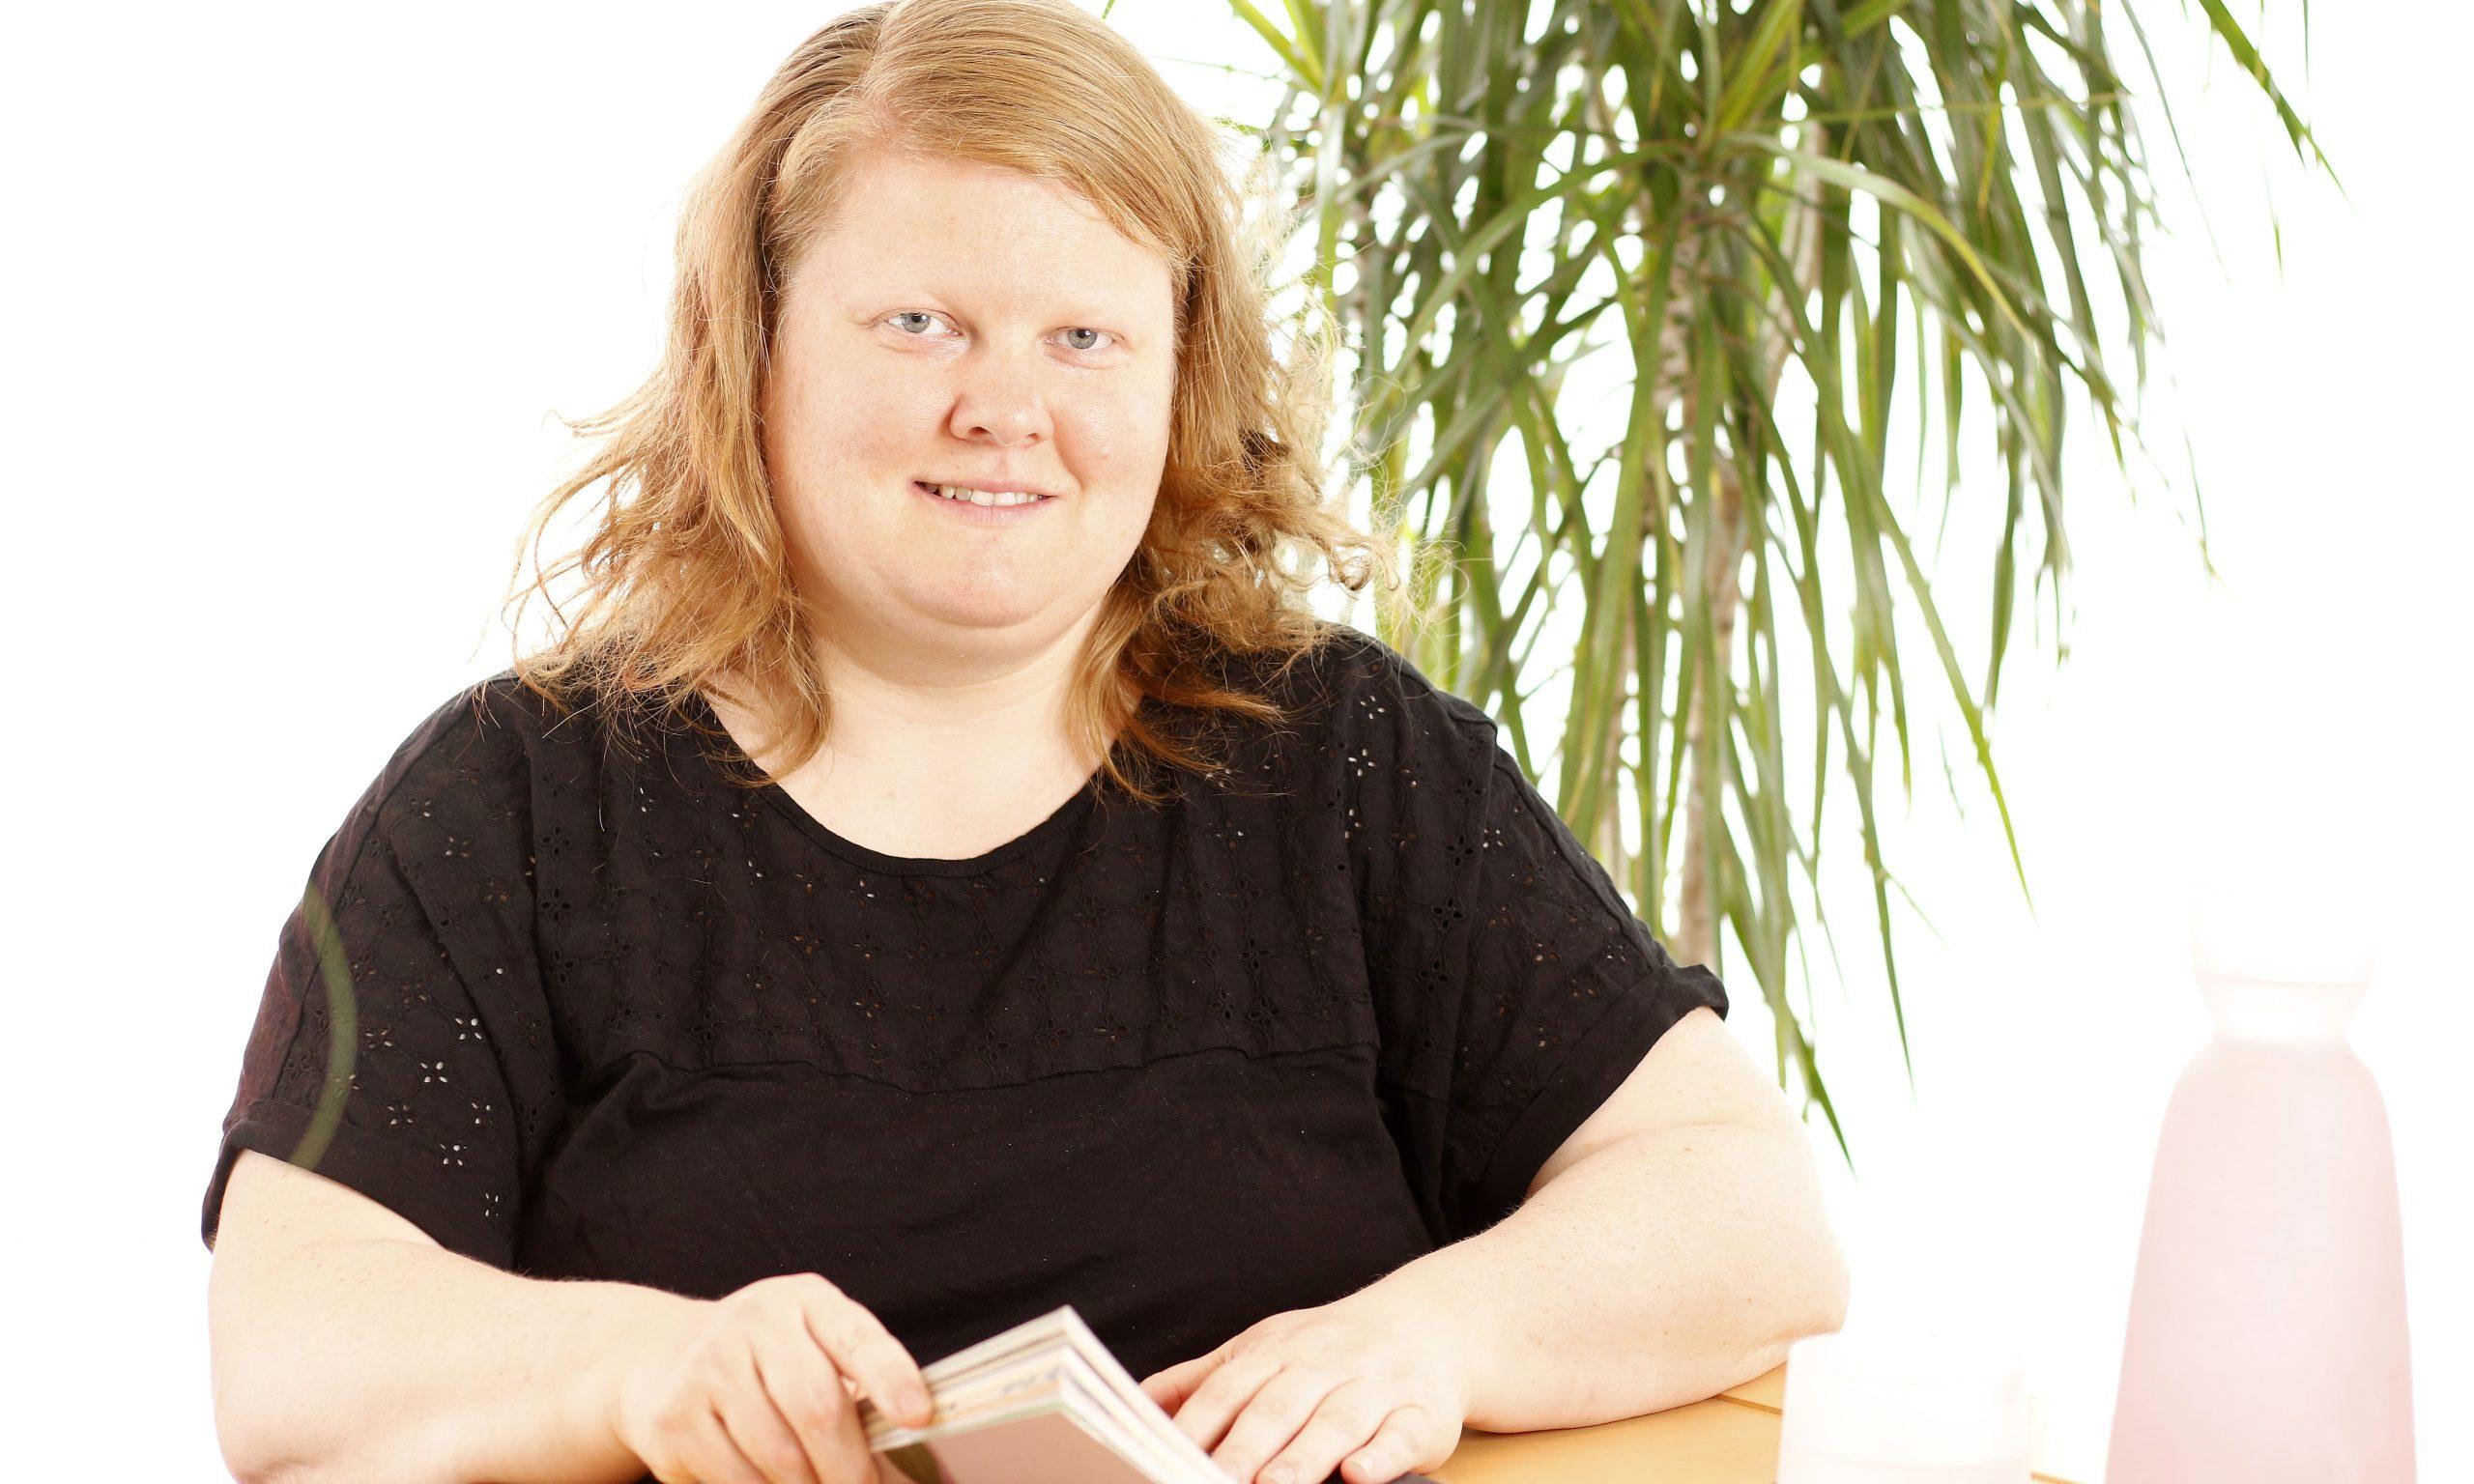 Stefanie Schmid, Busines-Magazine für Selbstständige und kleine Unternehmen